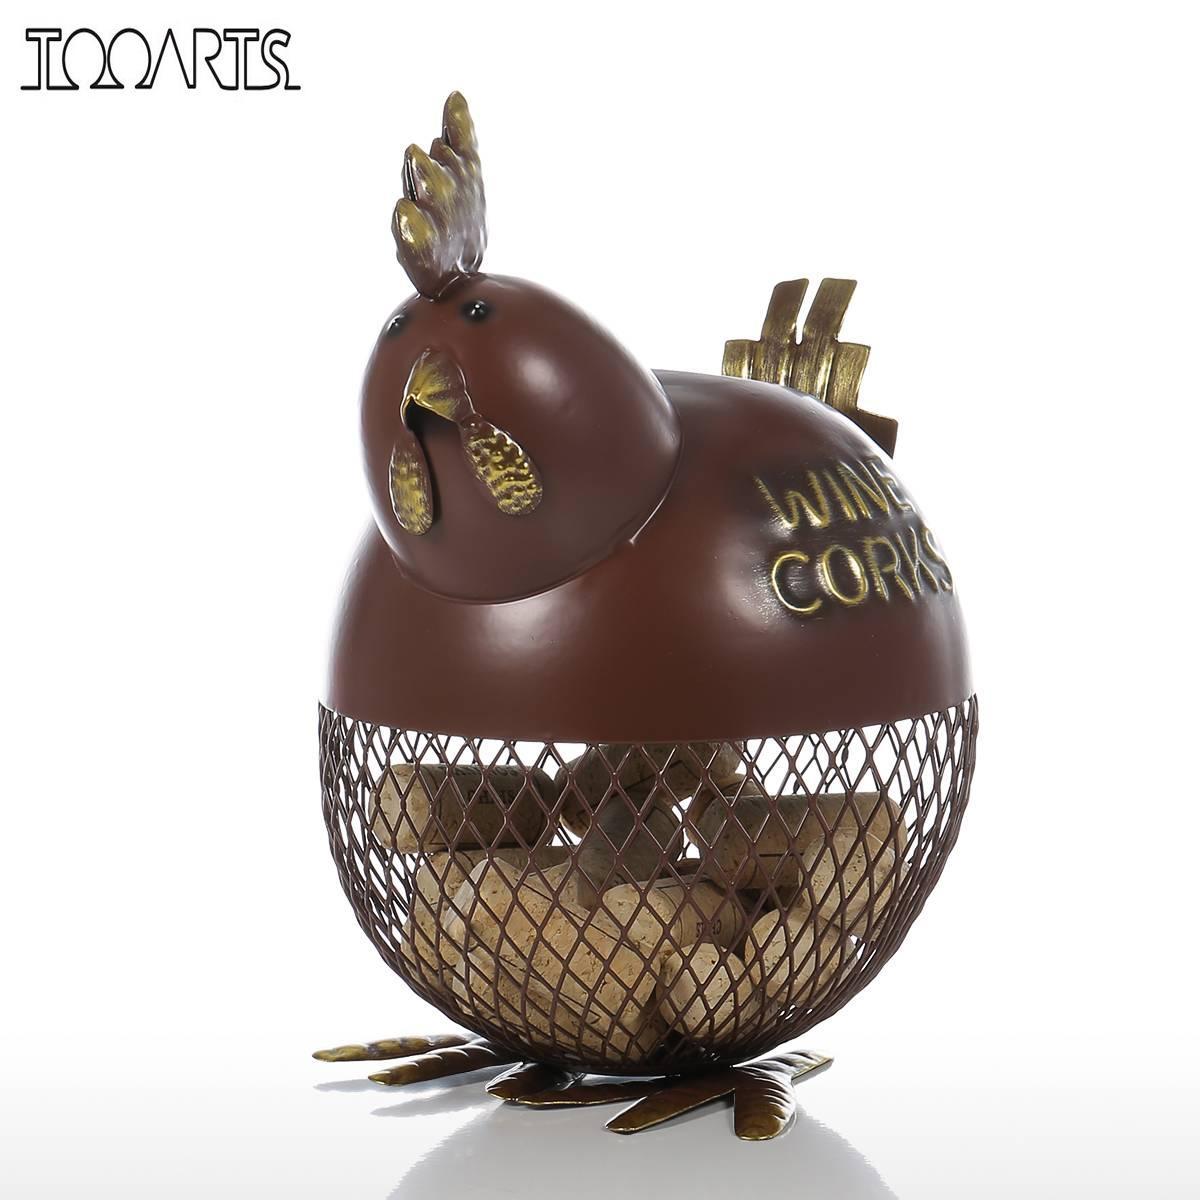 Cork Animals: Tooarts Metal Sculpture Puffy Chicken Wine Cork Container